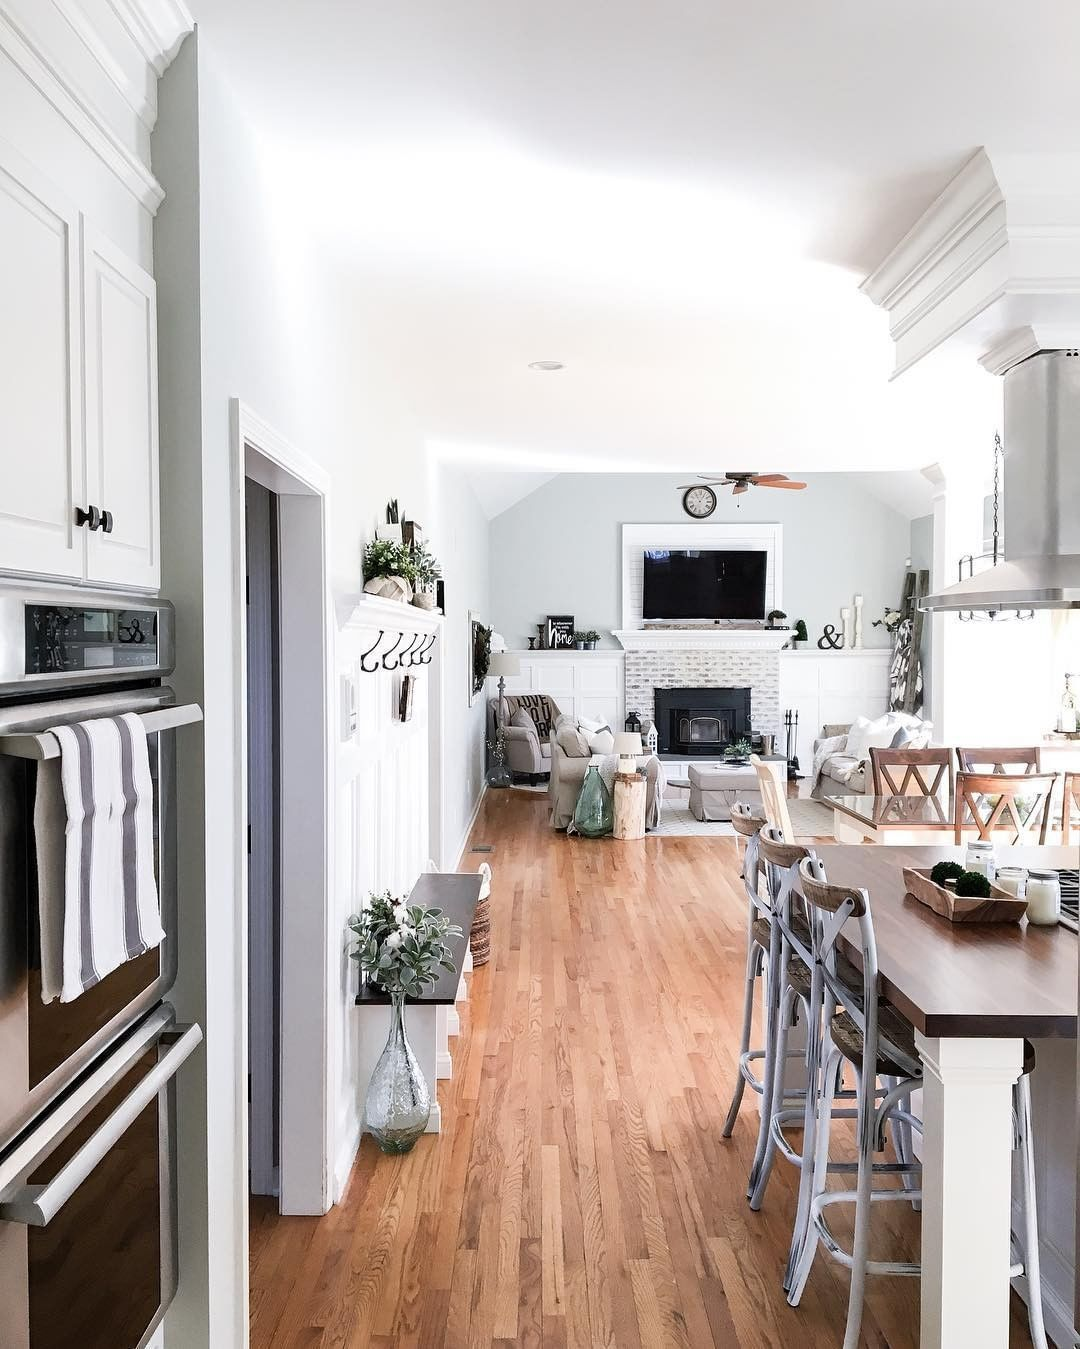 Betterhomesandgardens Instagram Open Floor Plan Farmhousechic4sure Home Open Floor Plan Open Floor